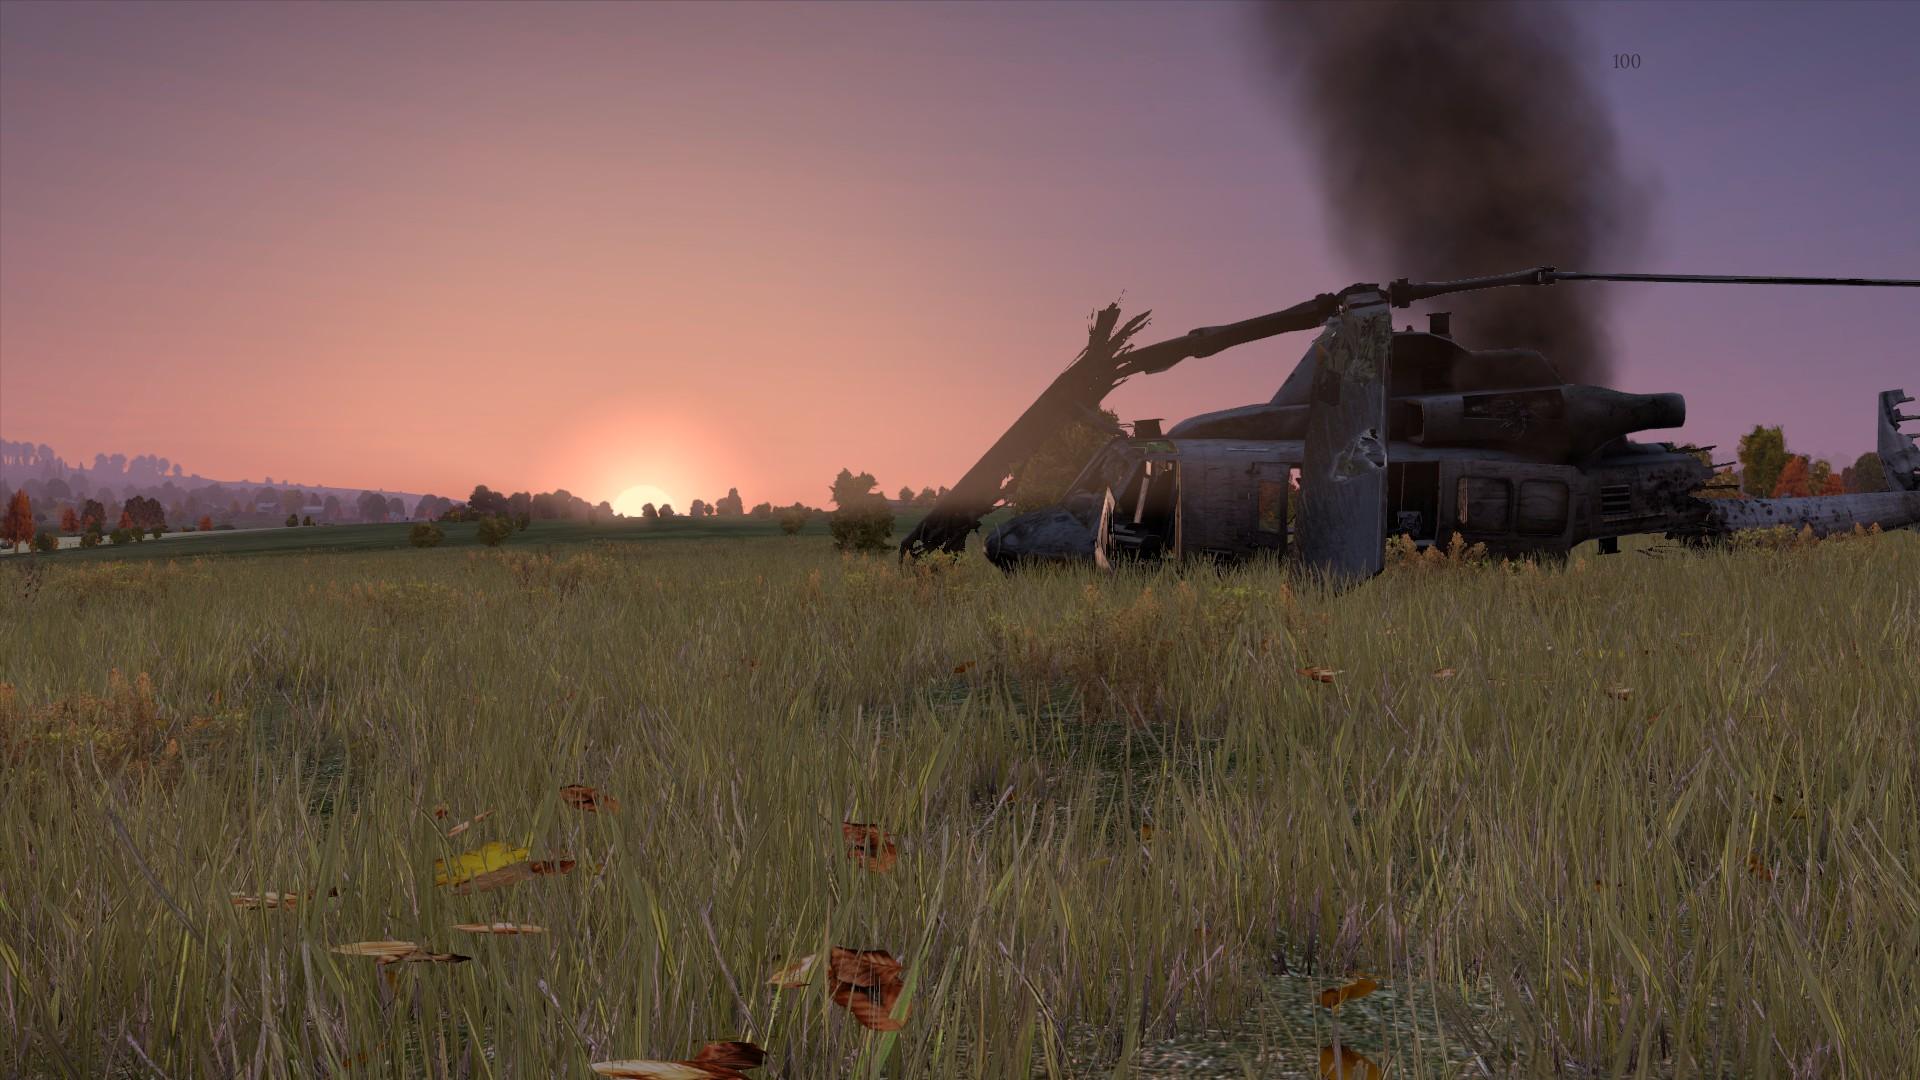 dayz-veresnik-hill-heli-crash